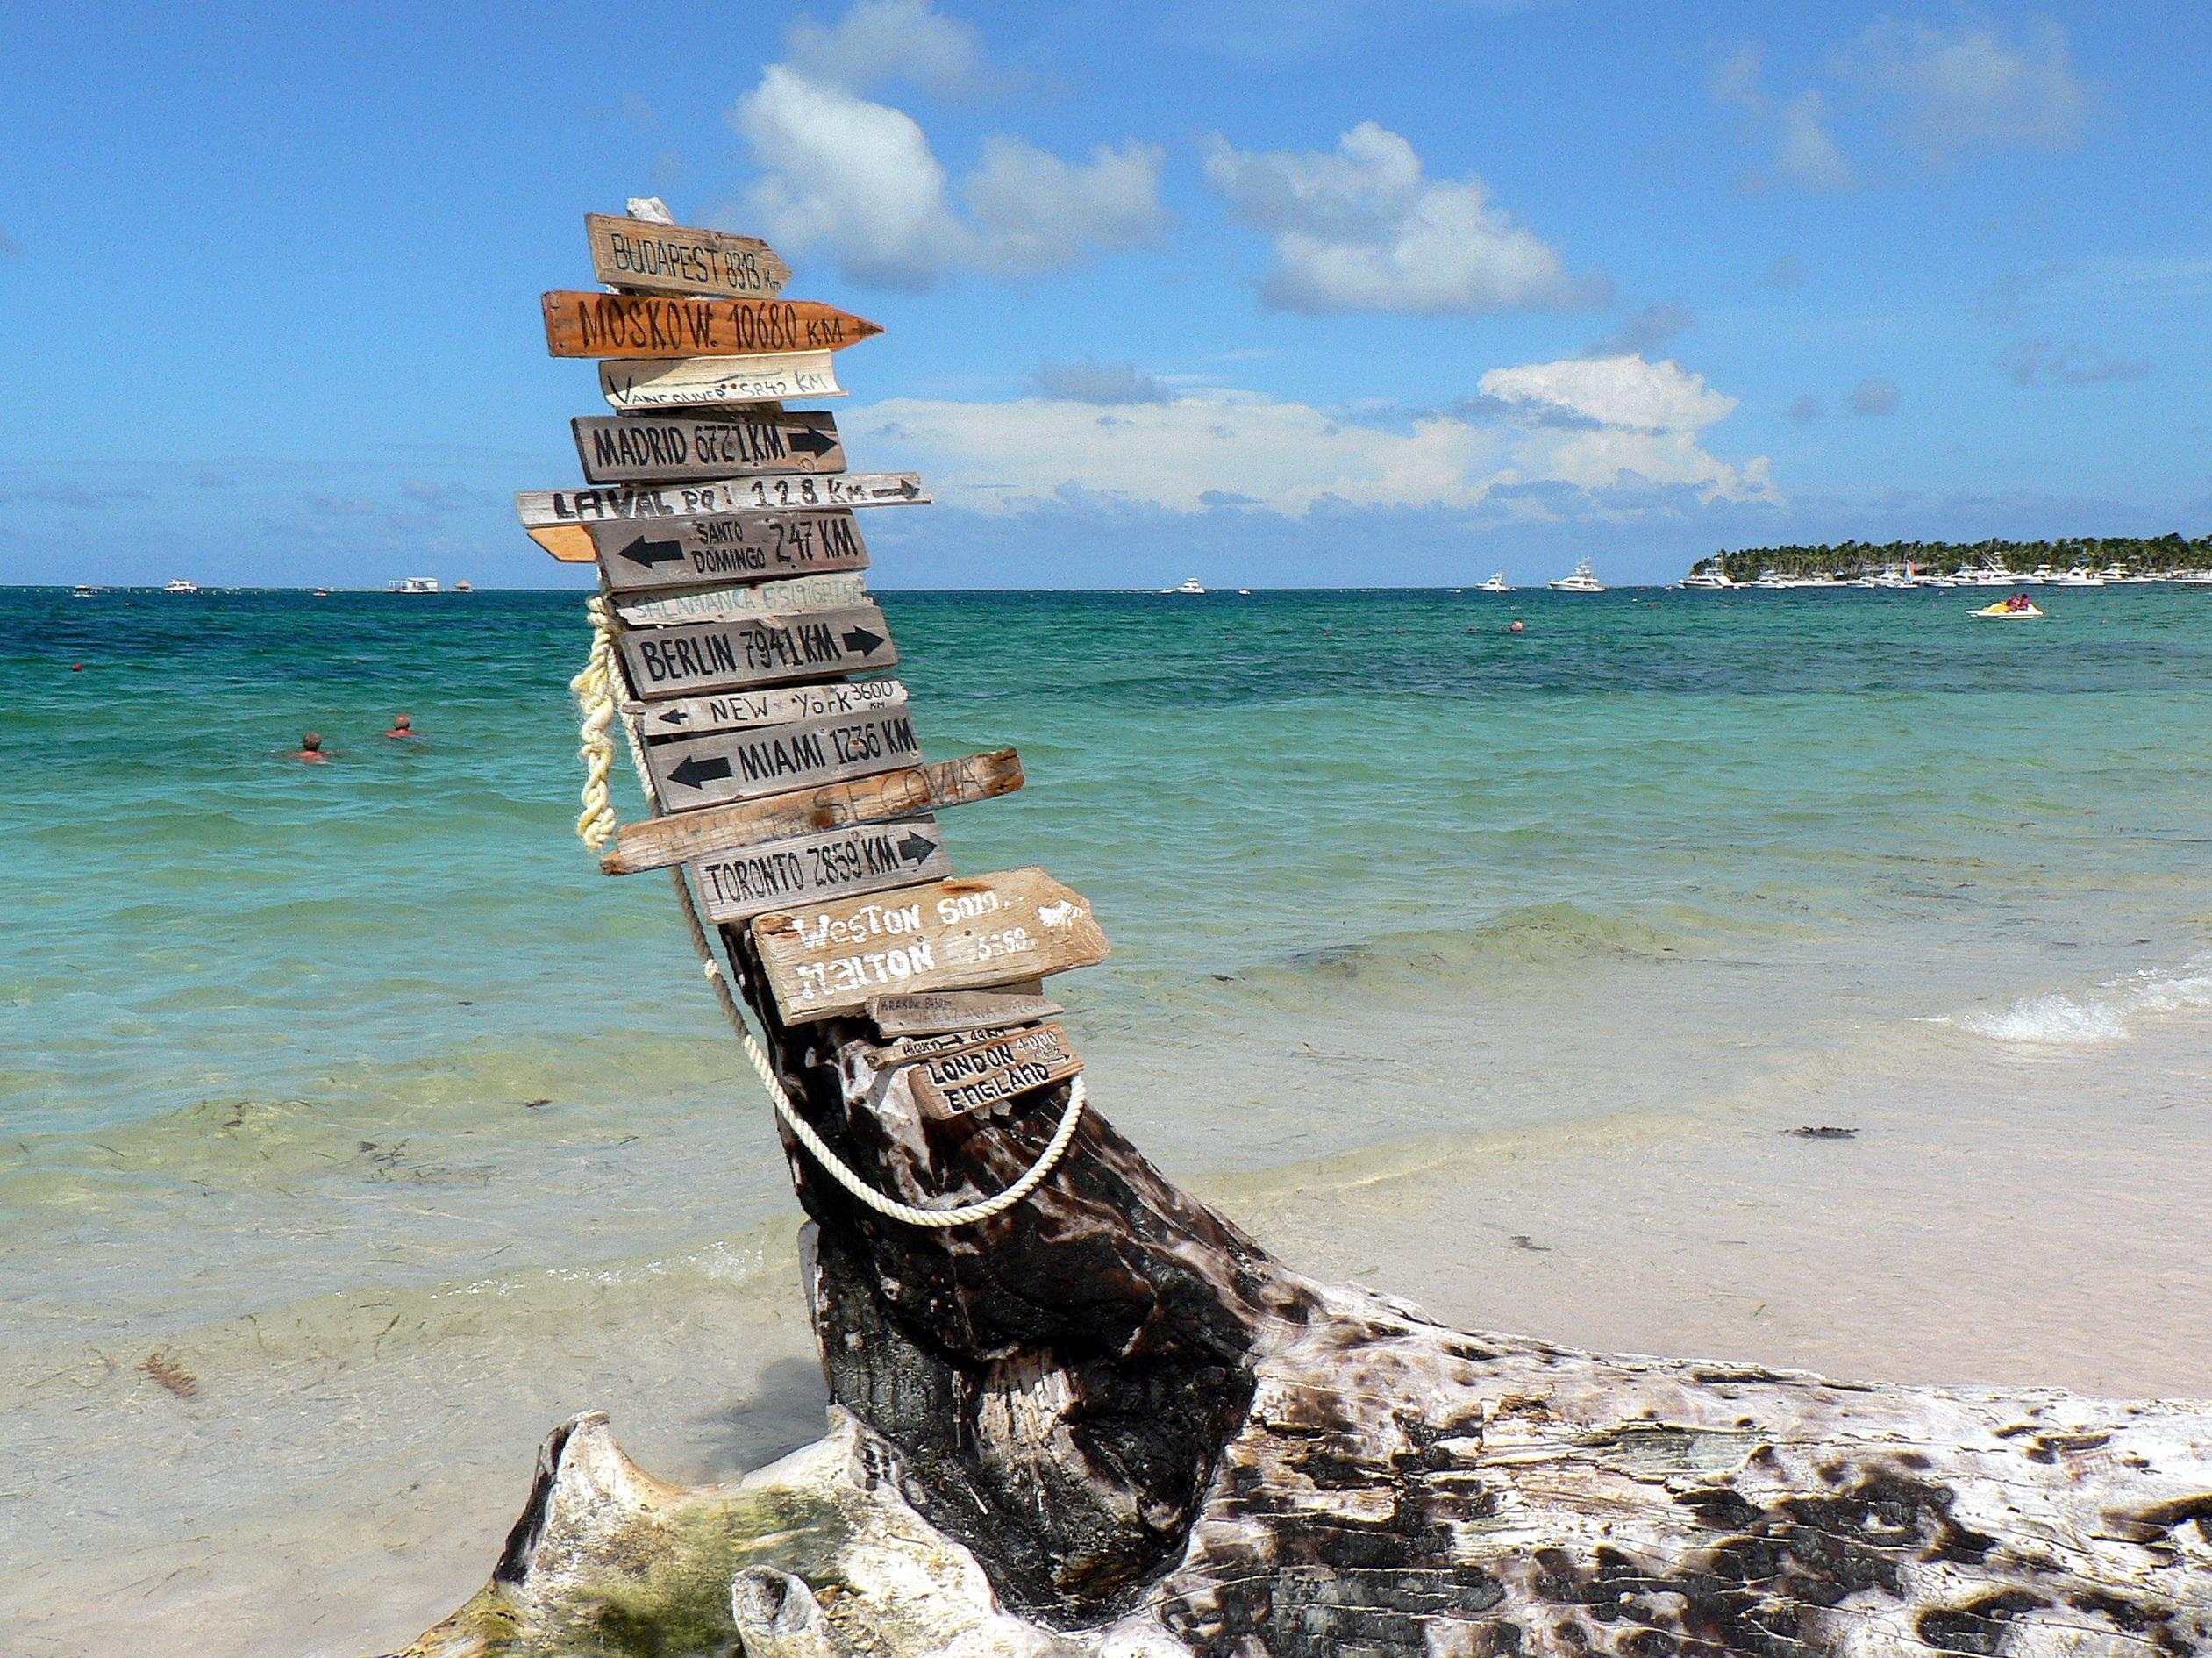 красивое достопримечательности доминиканы фото с описанием того как